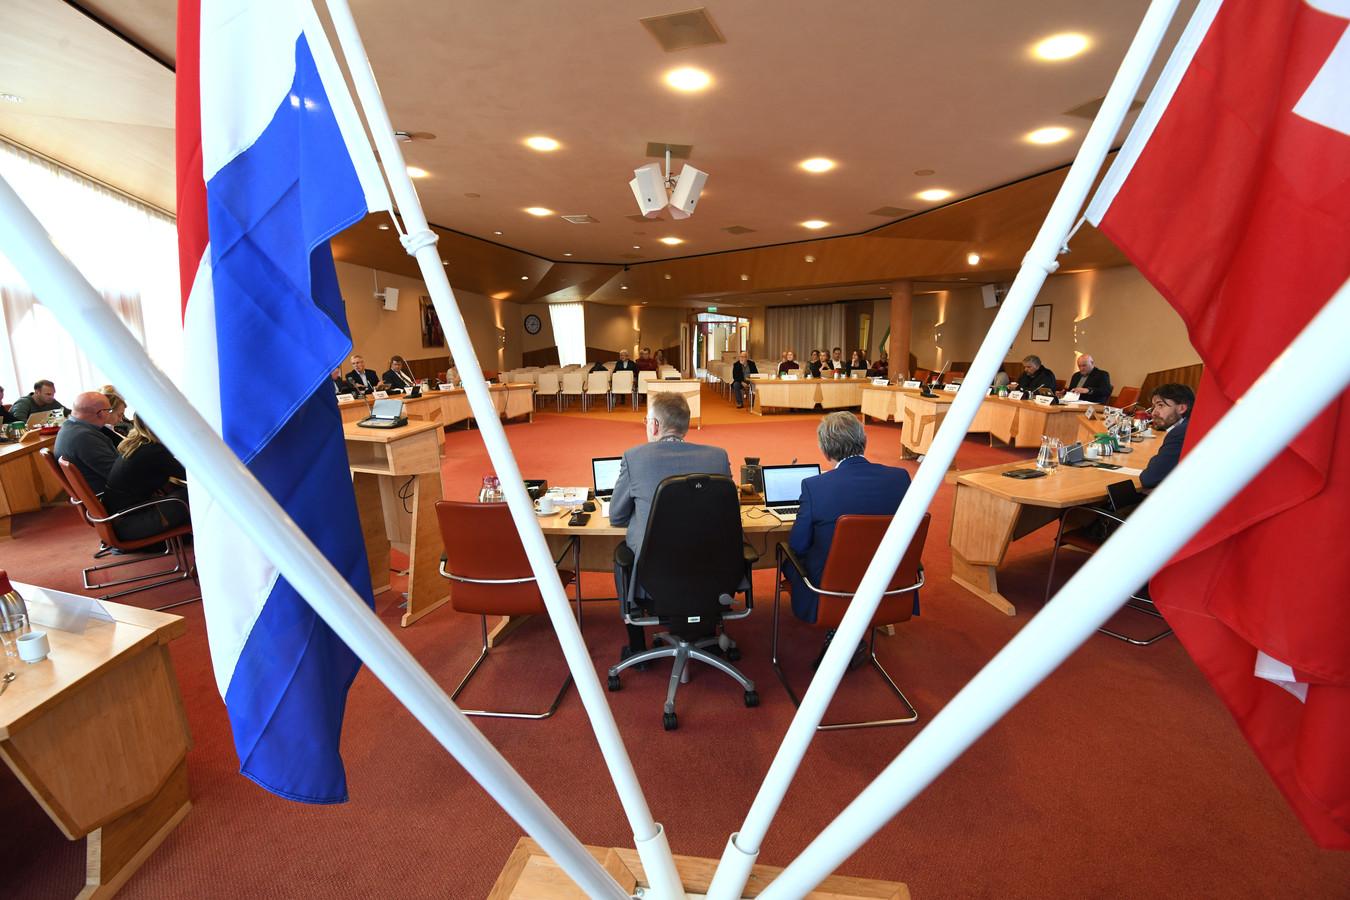 Burgemeester De Boer van Lienden tijdens de recente vergadering van de gemeenteraad.